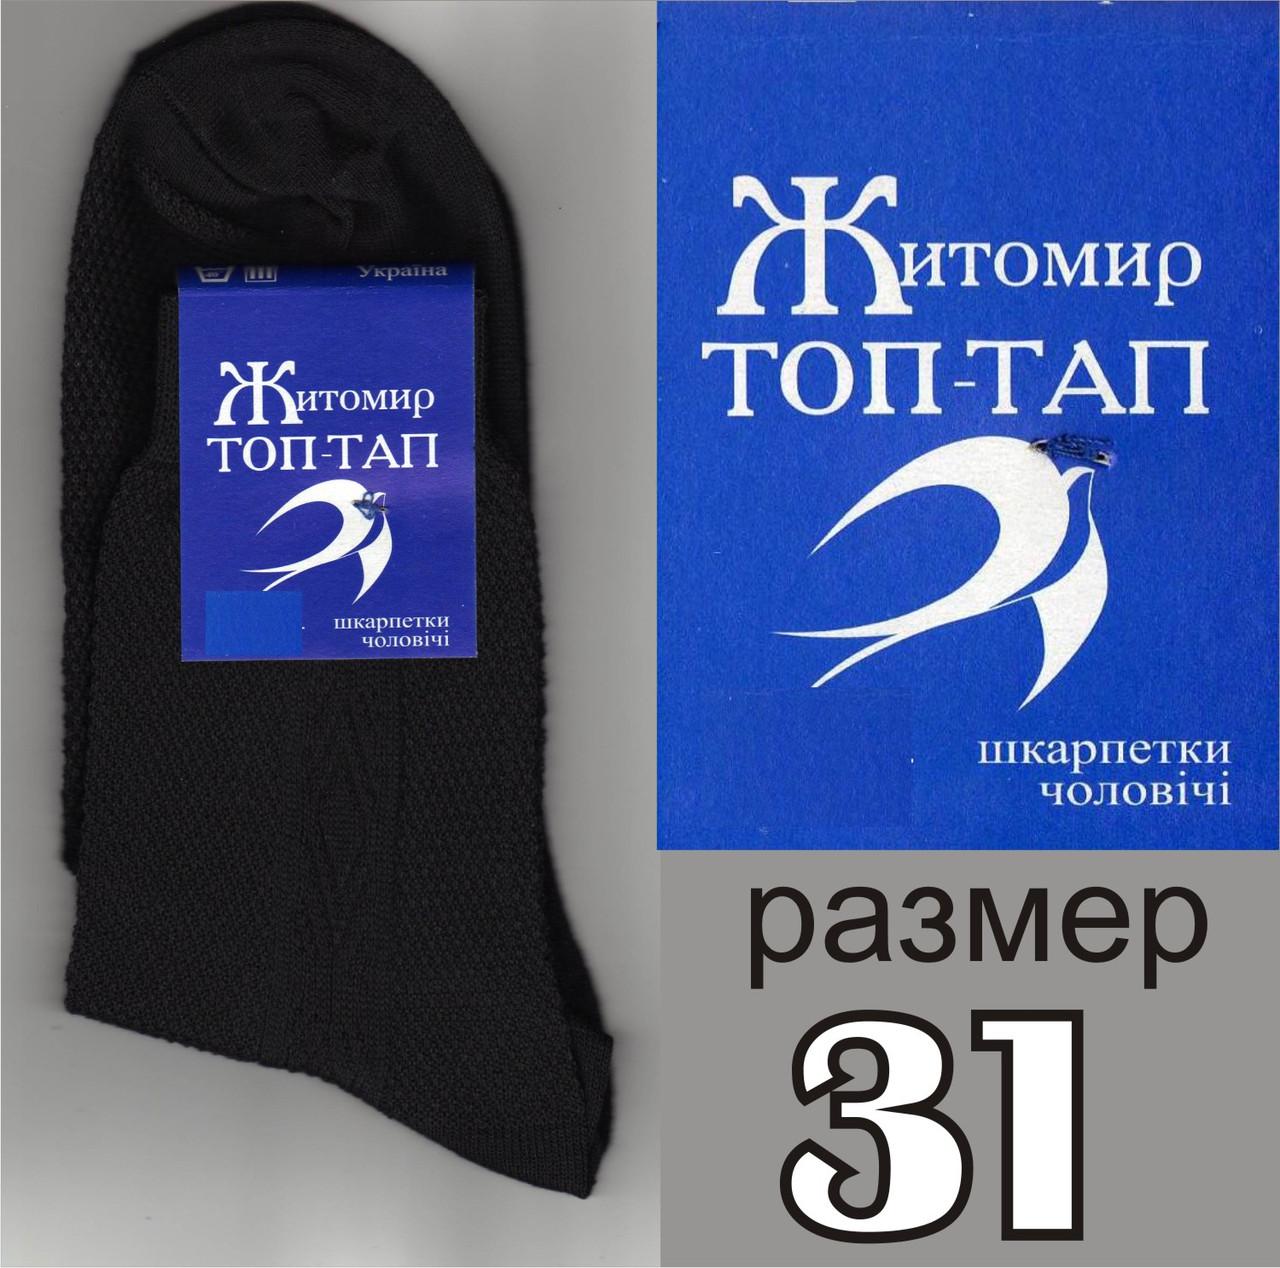 Носки мужские СЕТКА х/б Топ-Тап, г. Житомир 31 размер черный НМЛ-0622